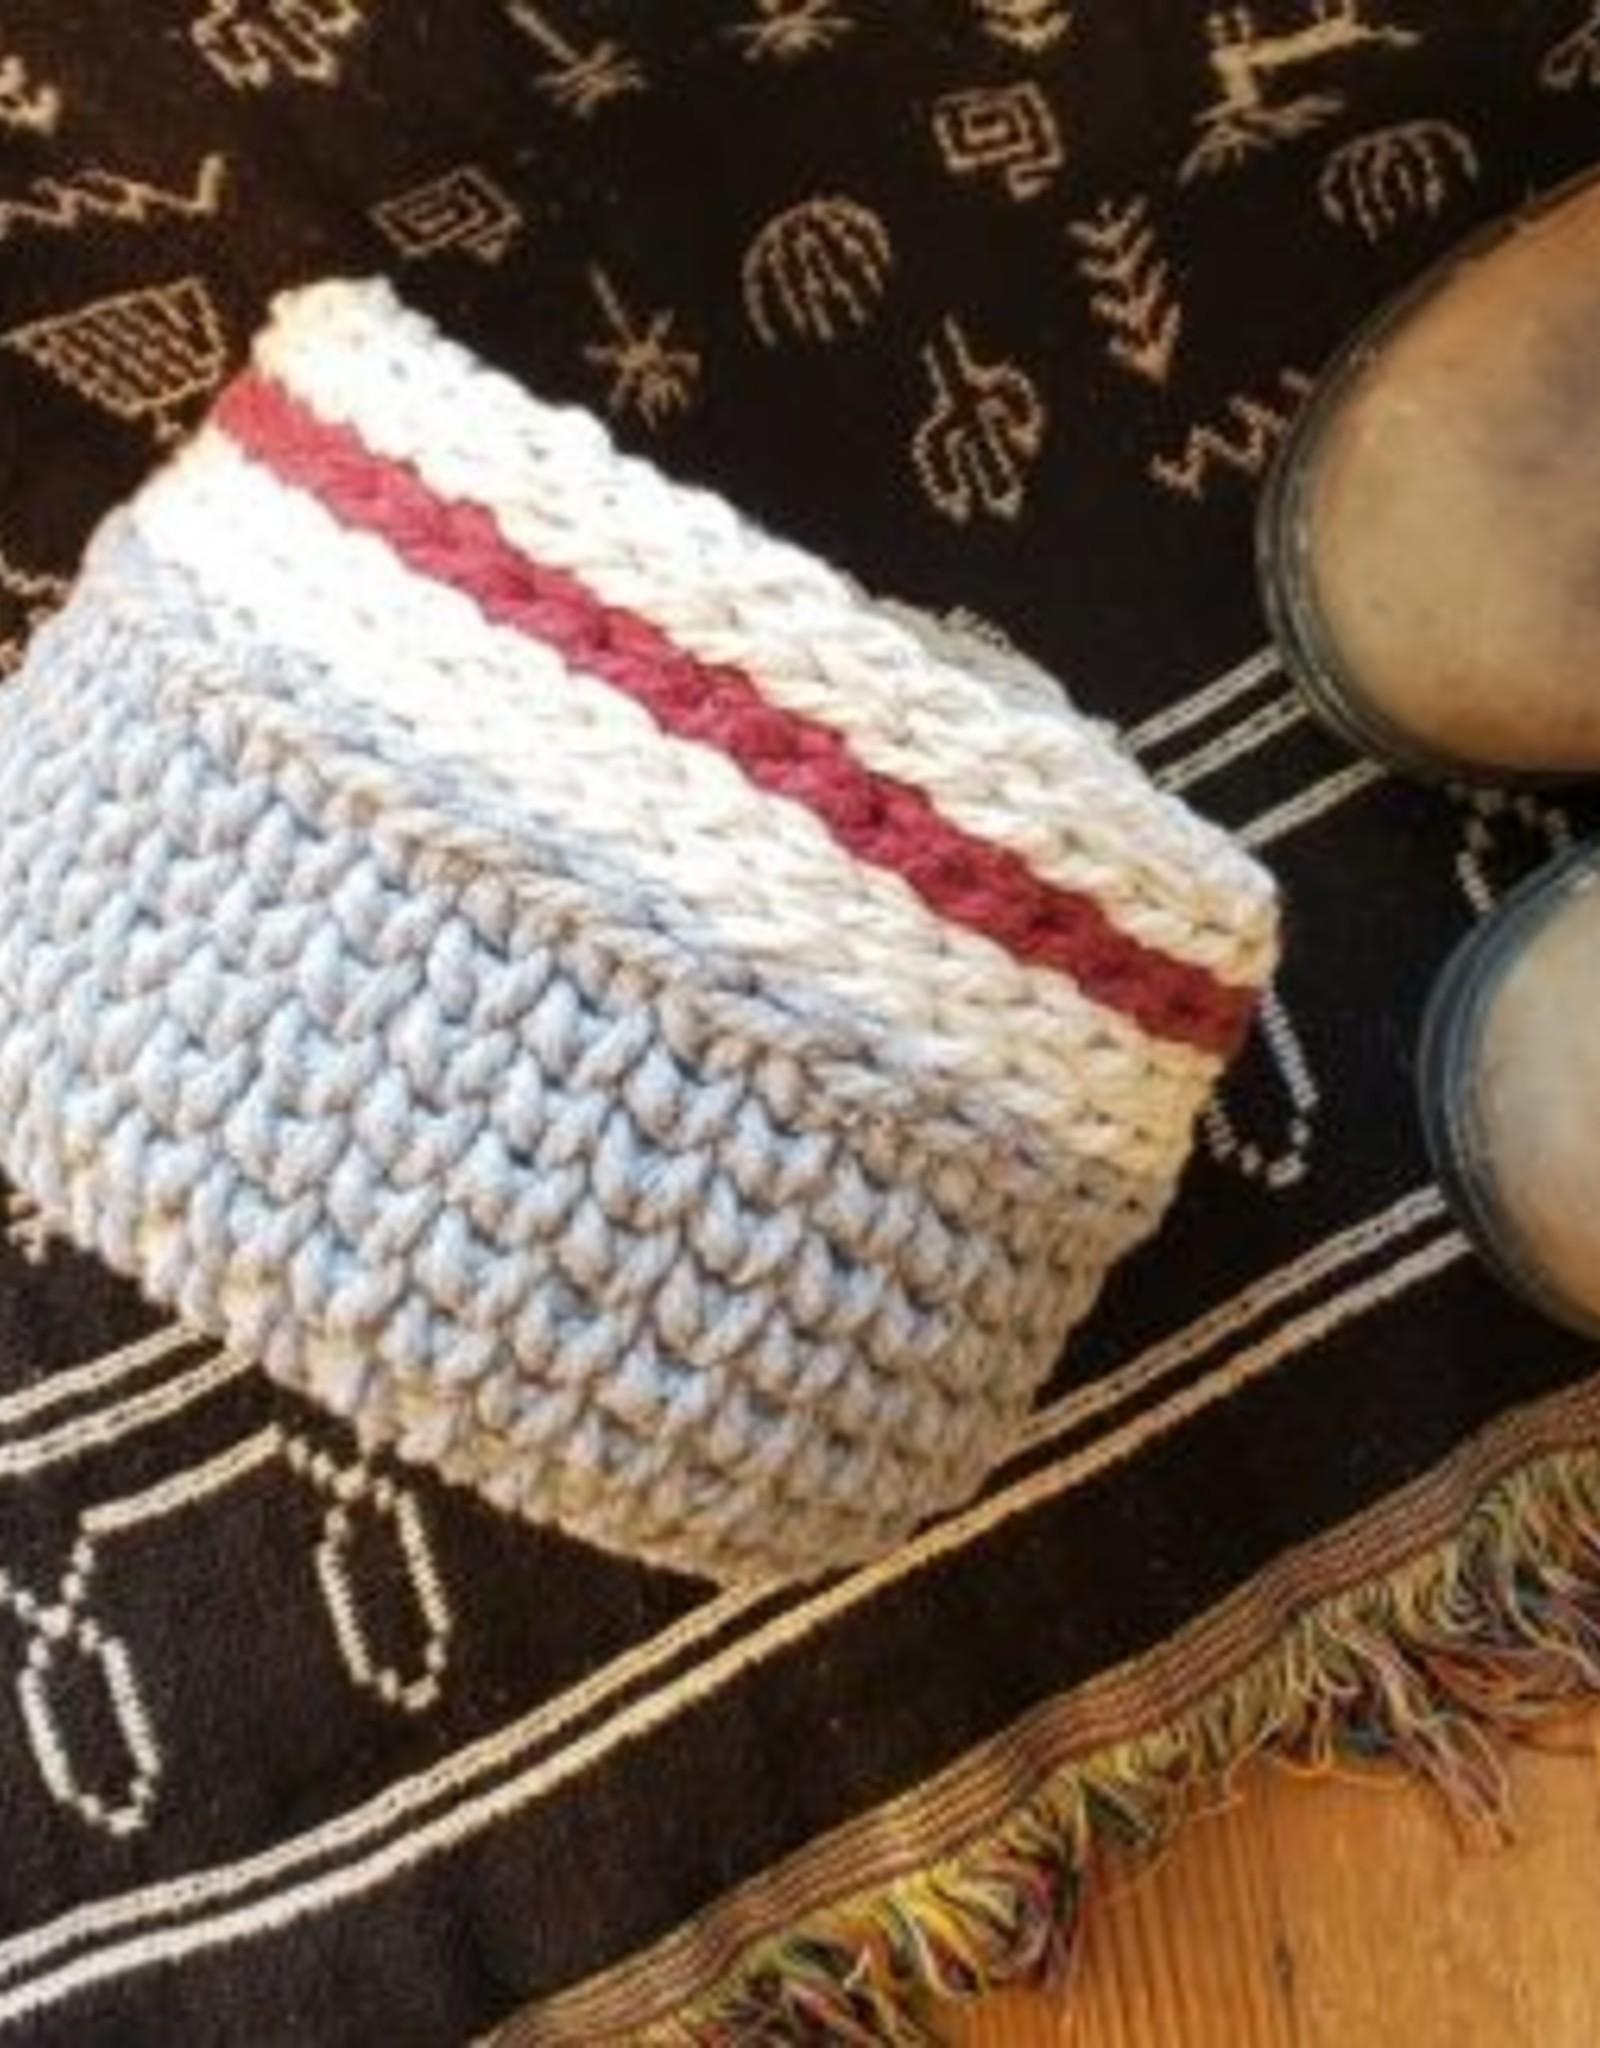 Aster & Vine Cabin Crochet Basket - Crochet Kit